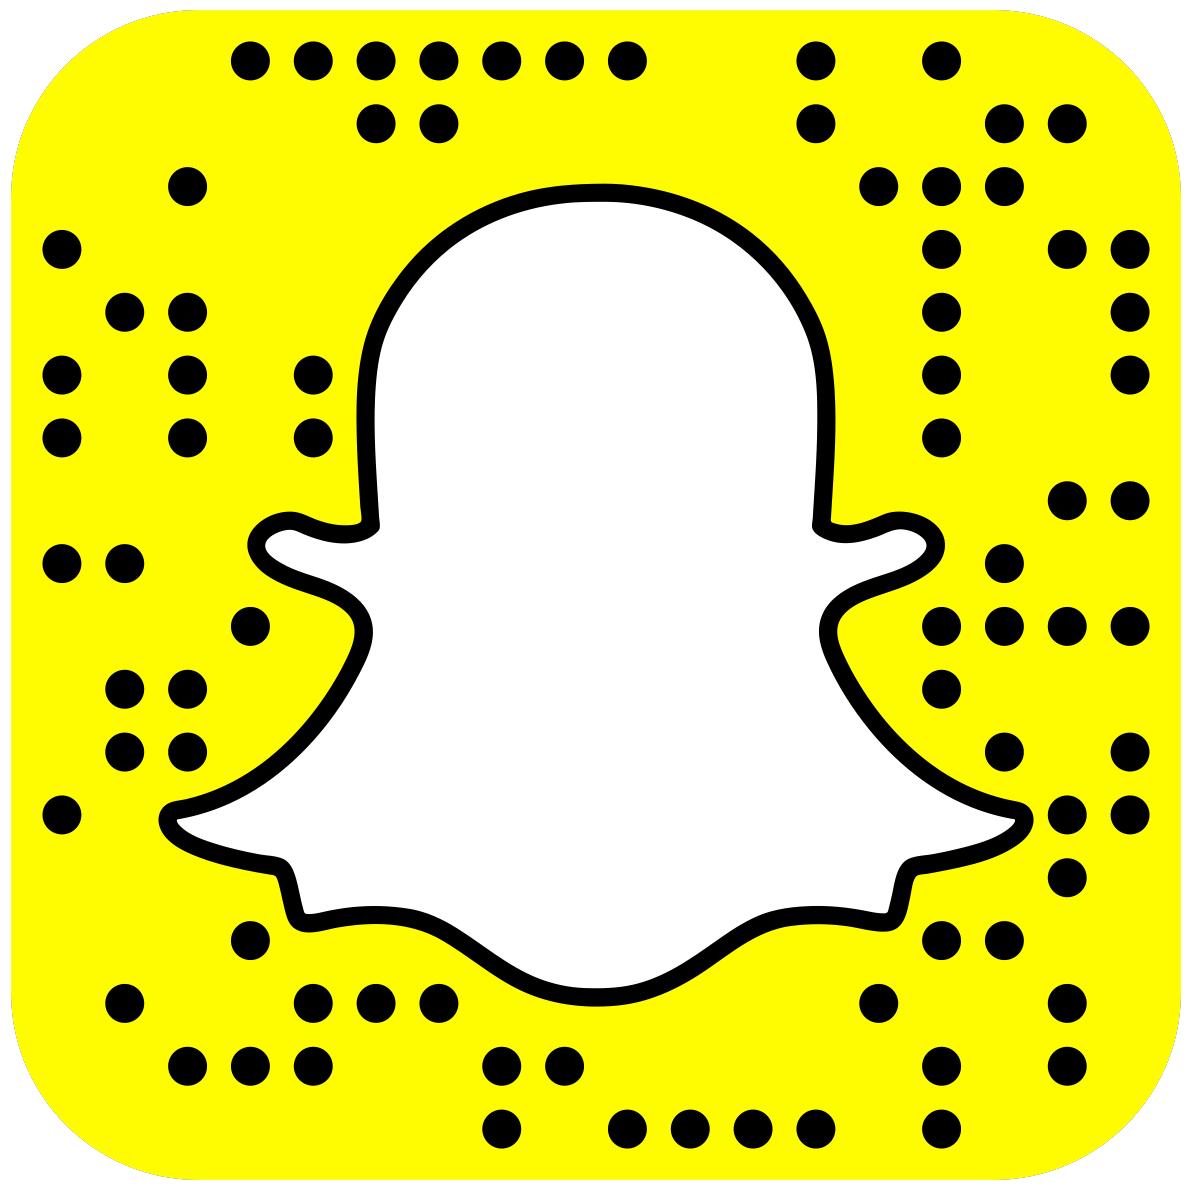 Ezekiel Elliott Snapchat username